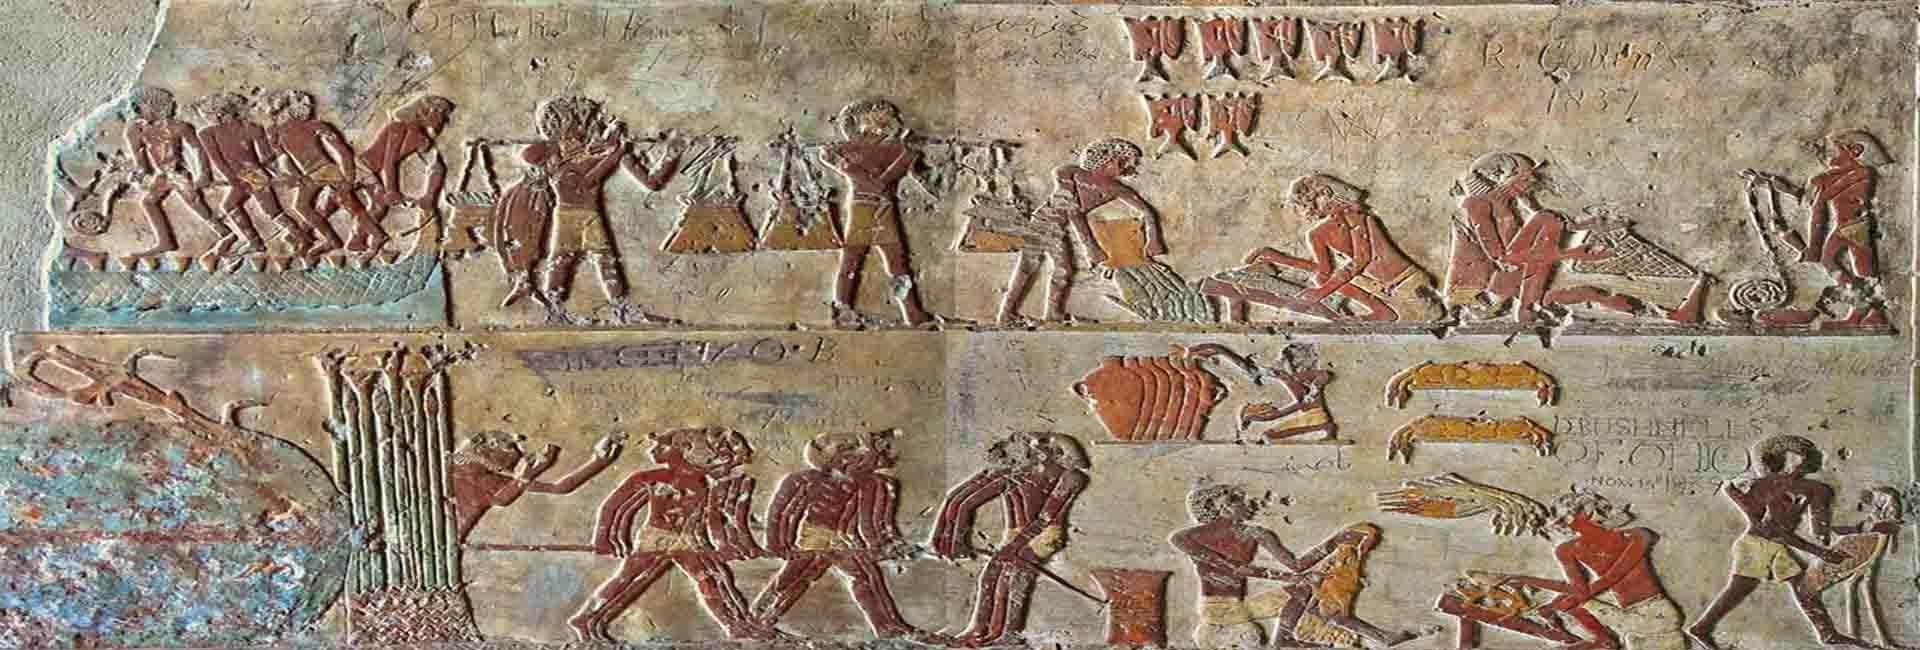 Tombs Of El Kab